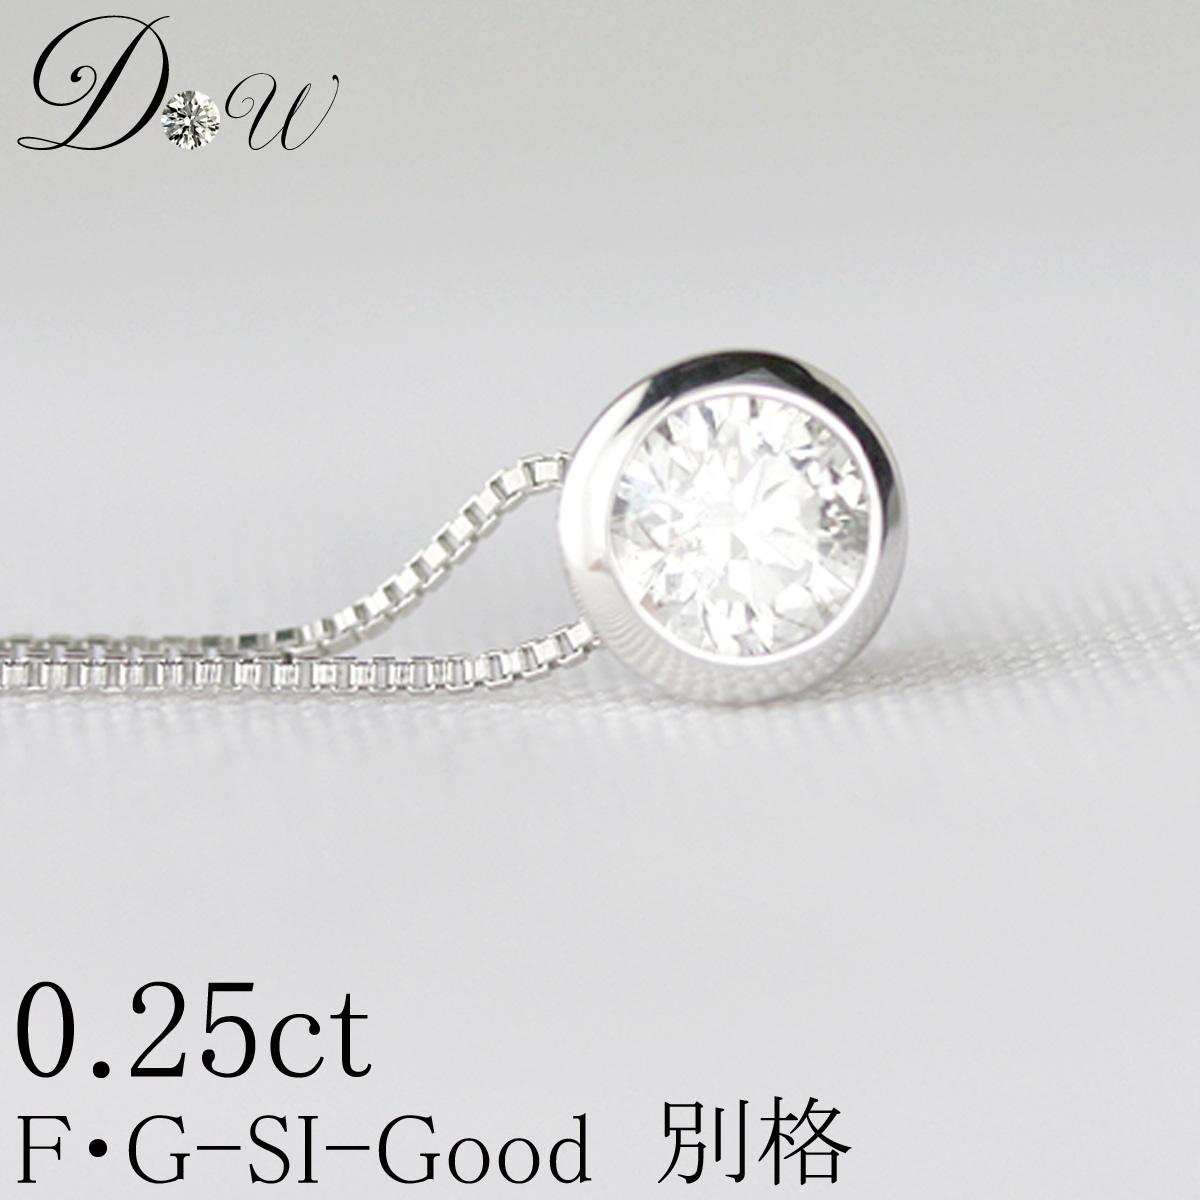 天然ダイヤモンドペンダントネックレス 0.25ctダイヤ ネックレス 送料無料 あす楽